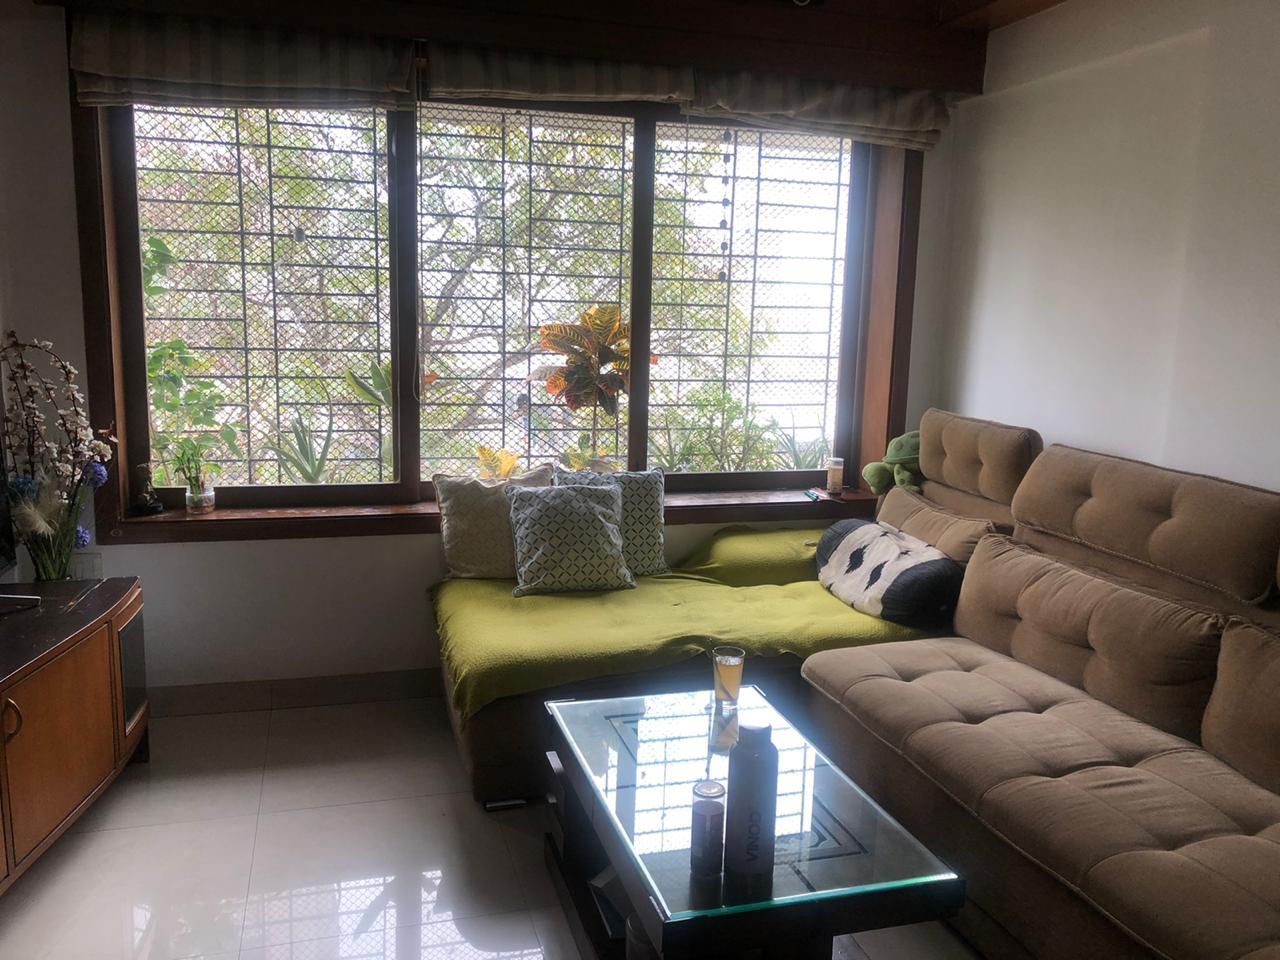 2BHK on Rent in Prabhadevi @ 70,000/-